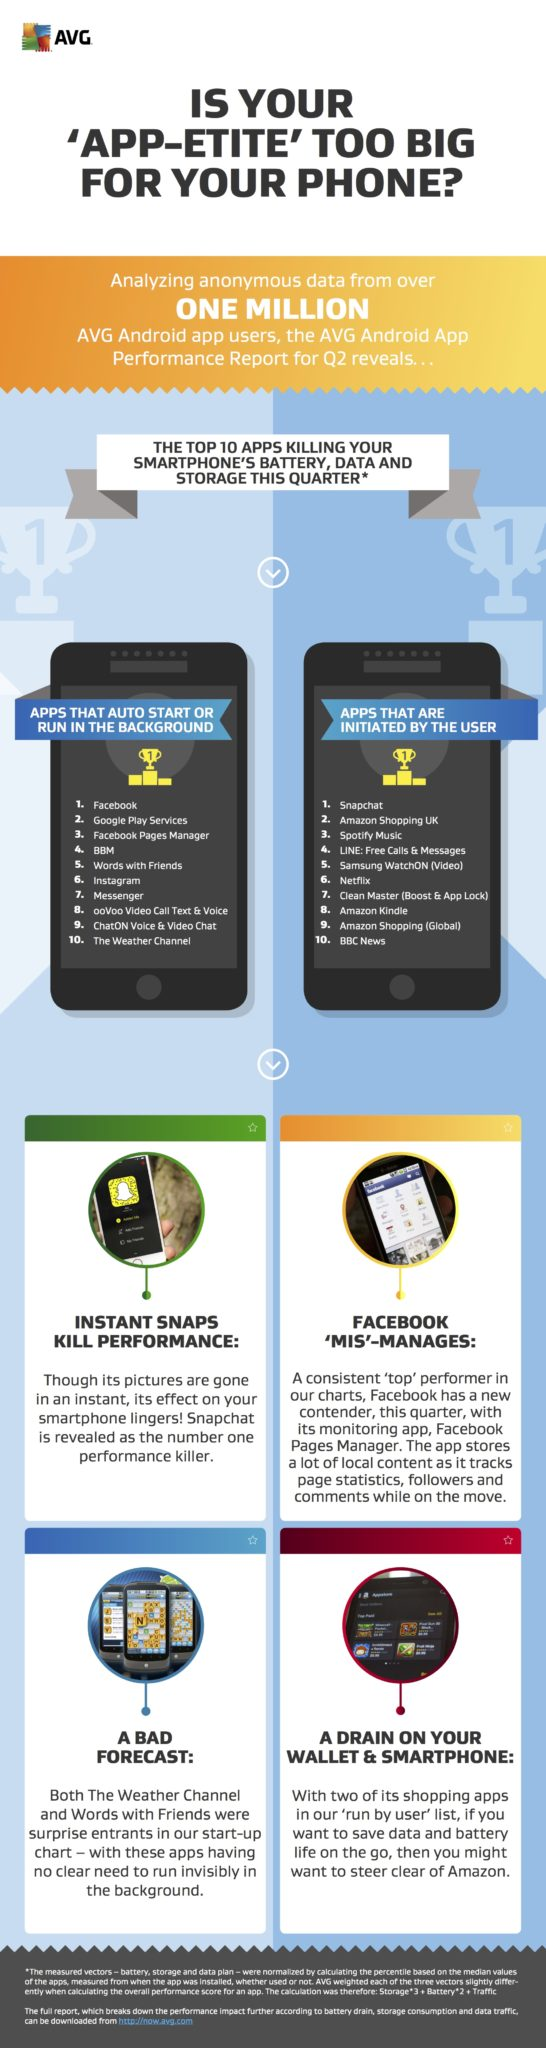 q2_avg_app_infographic_final